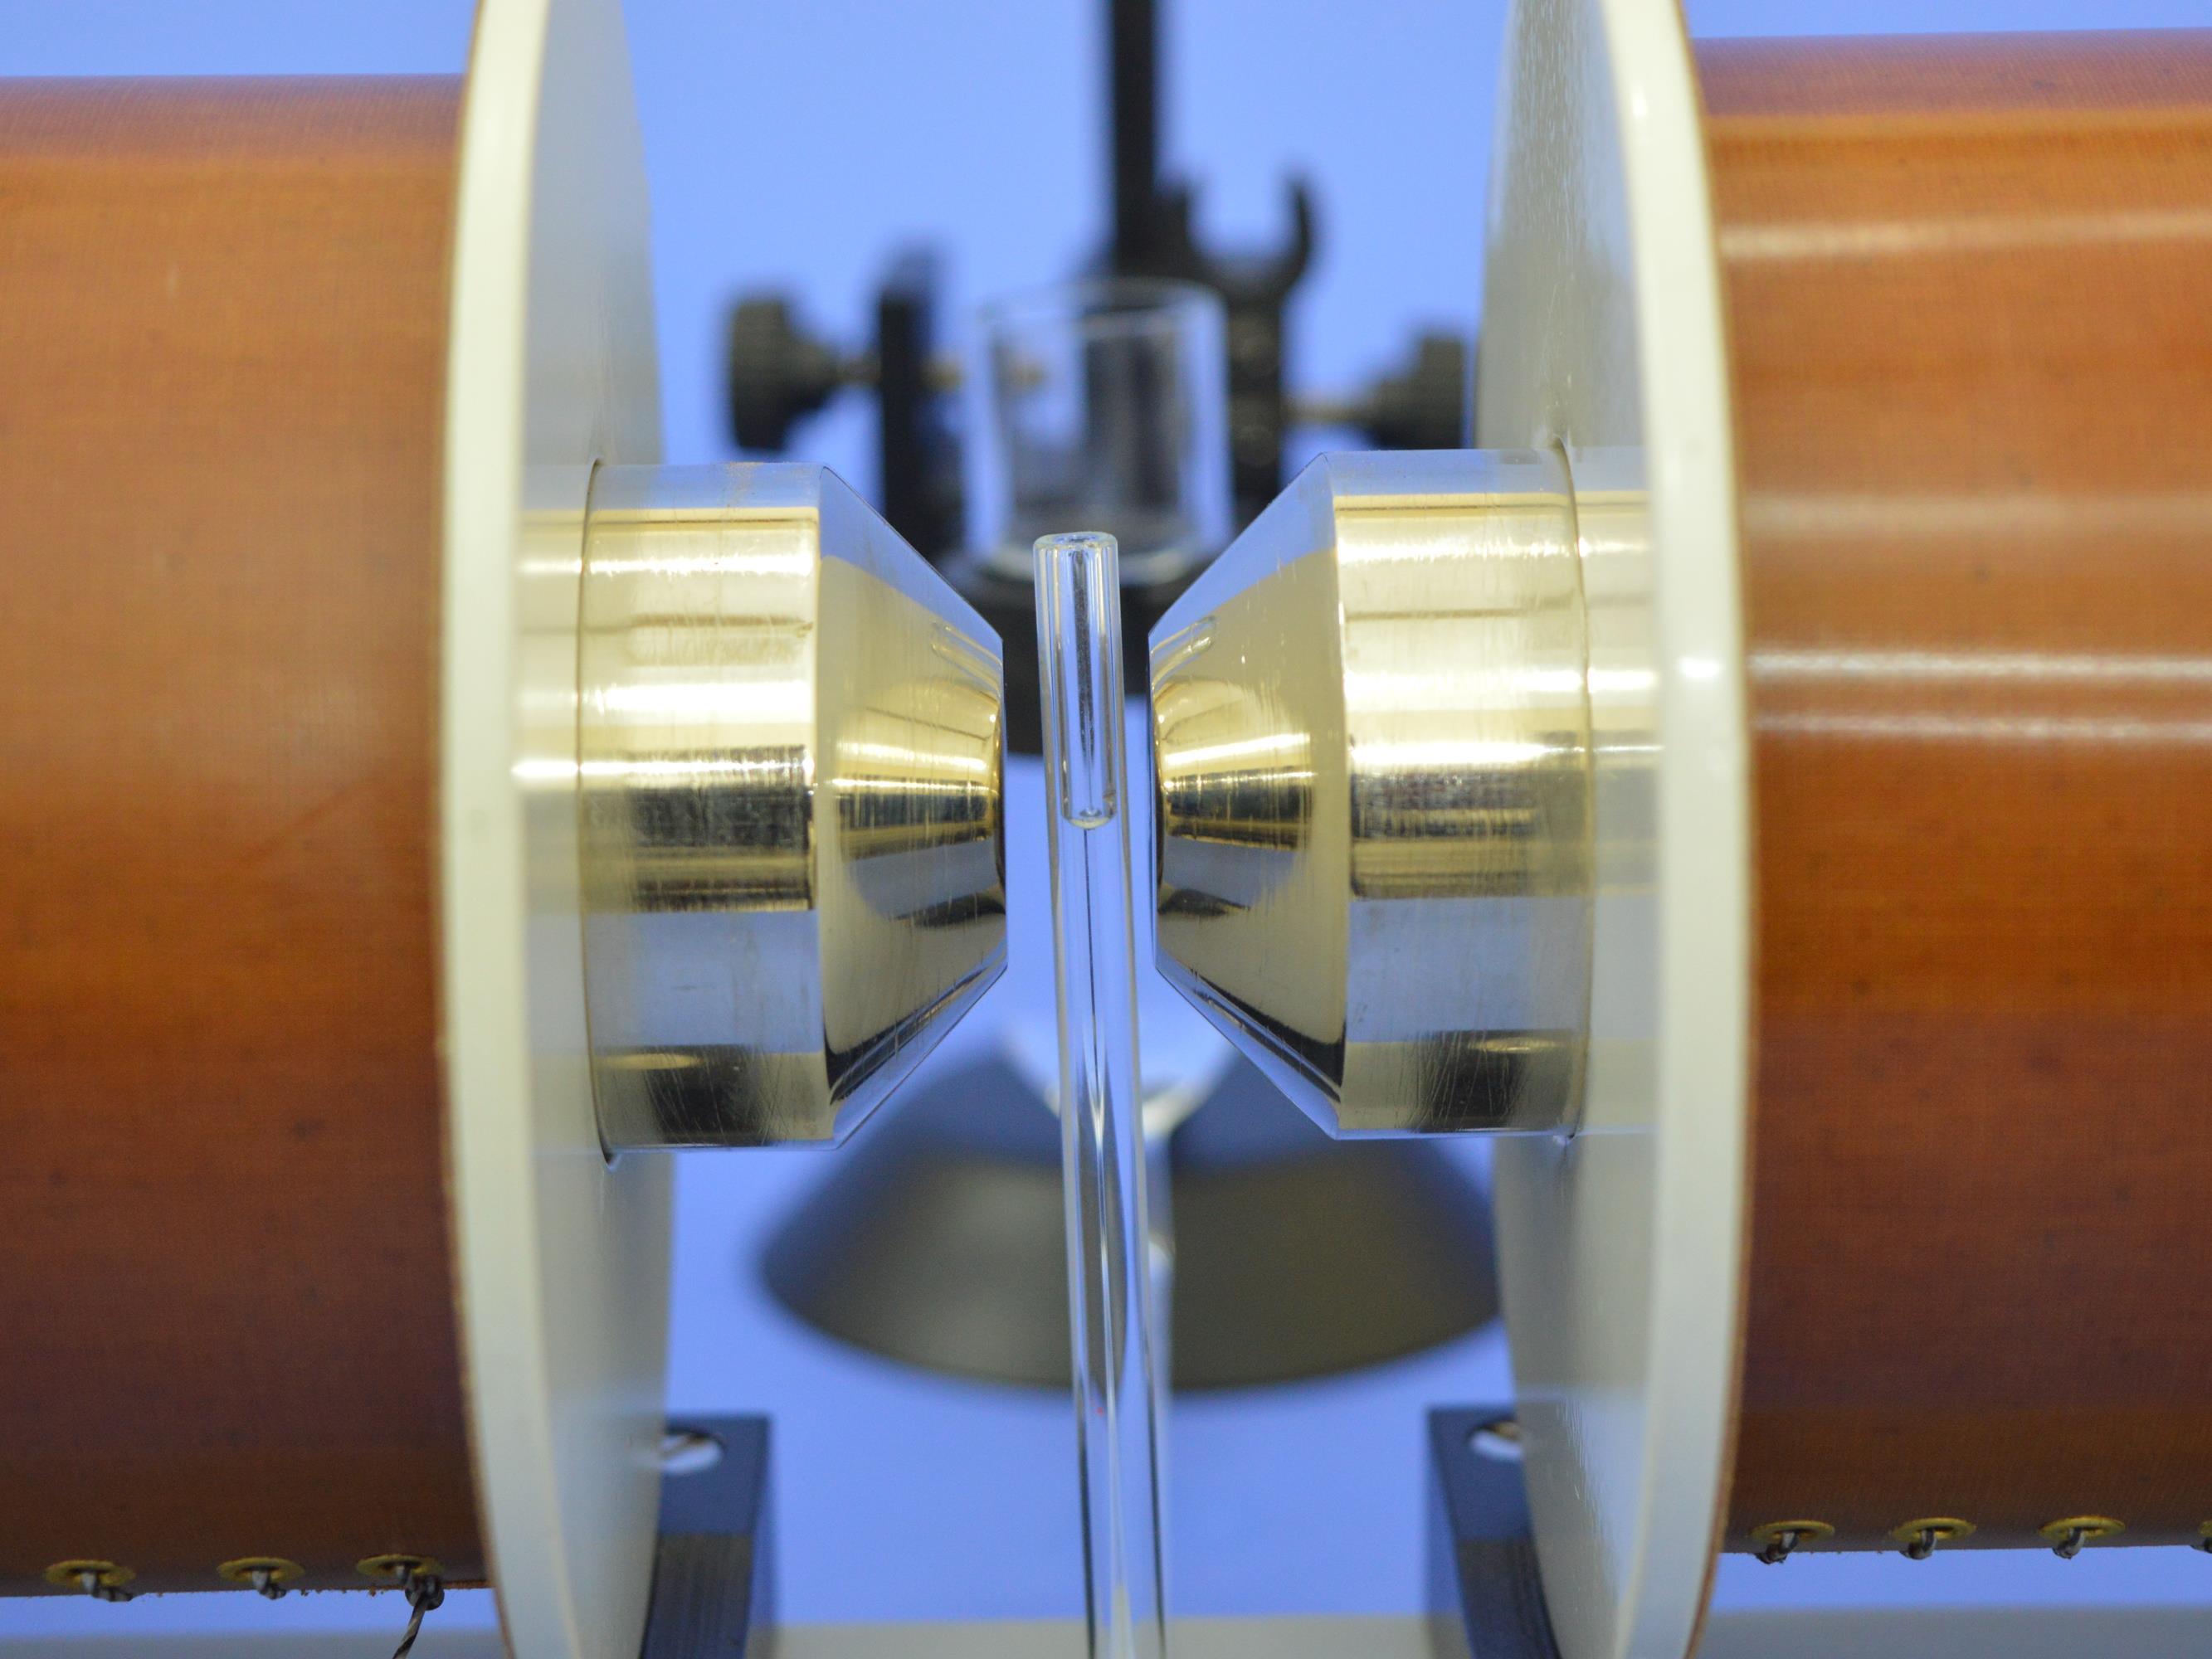 Quinck's Tube Method, QTX-01